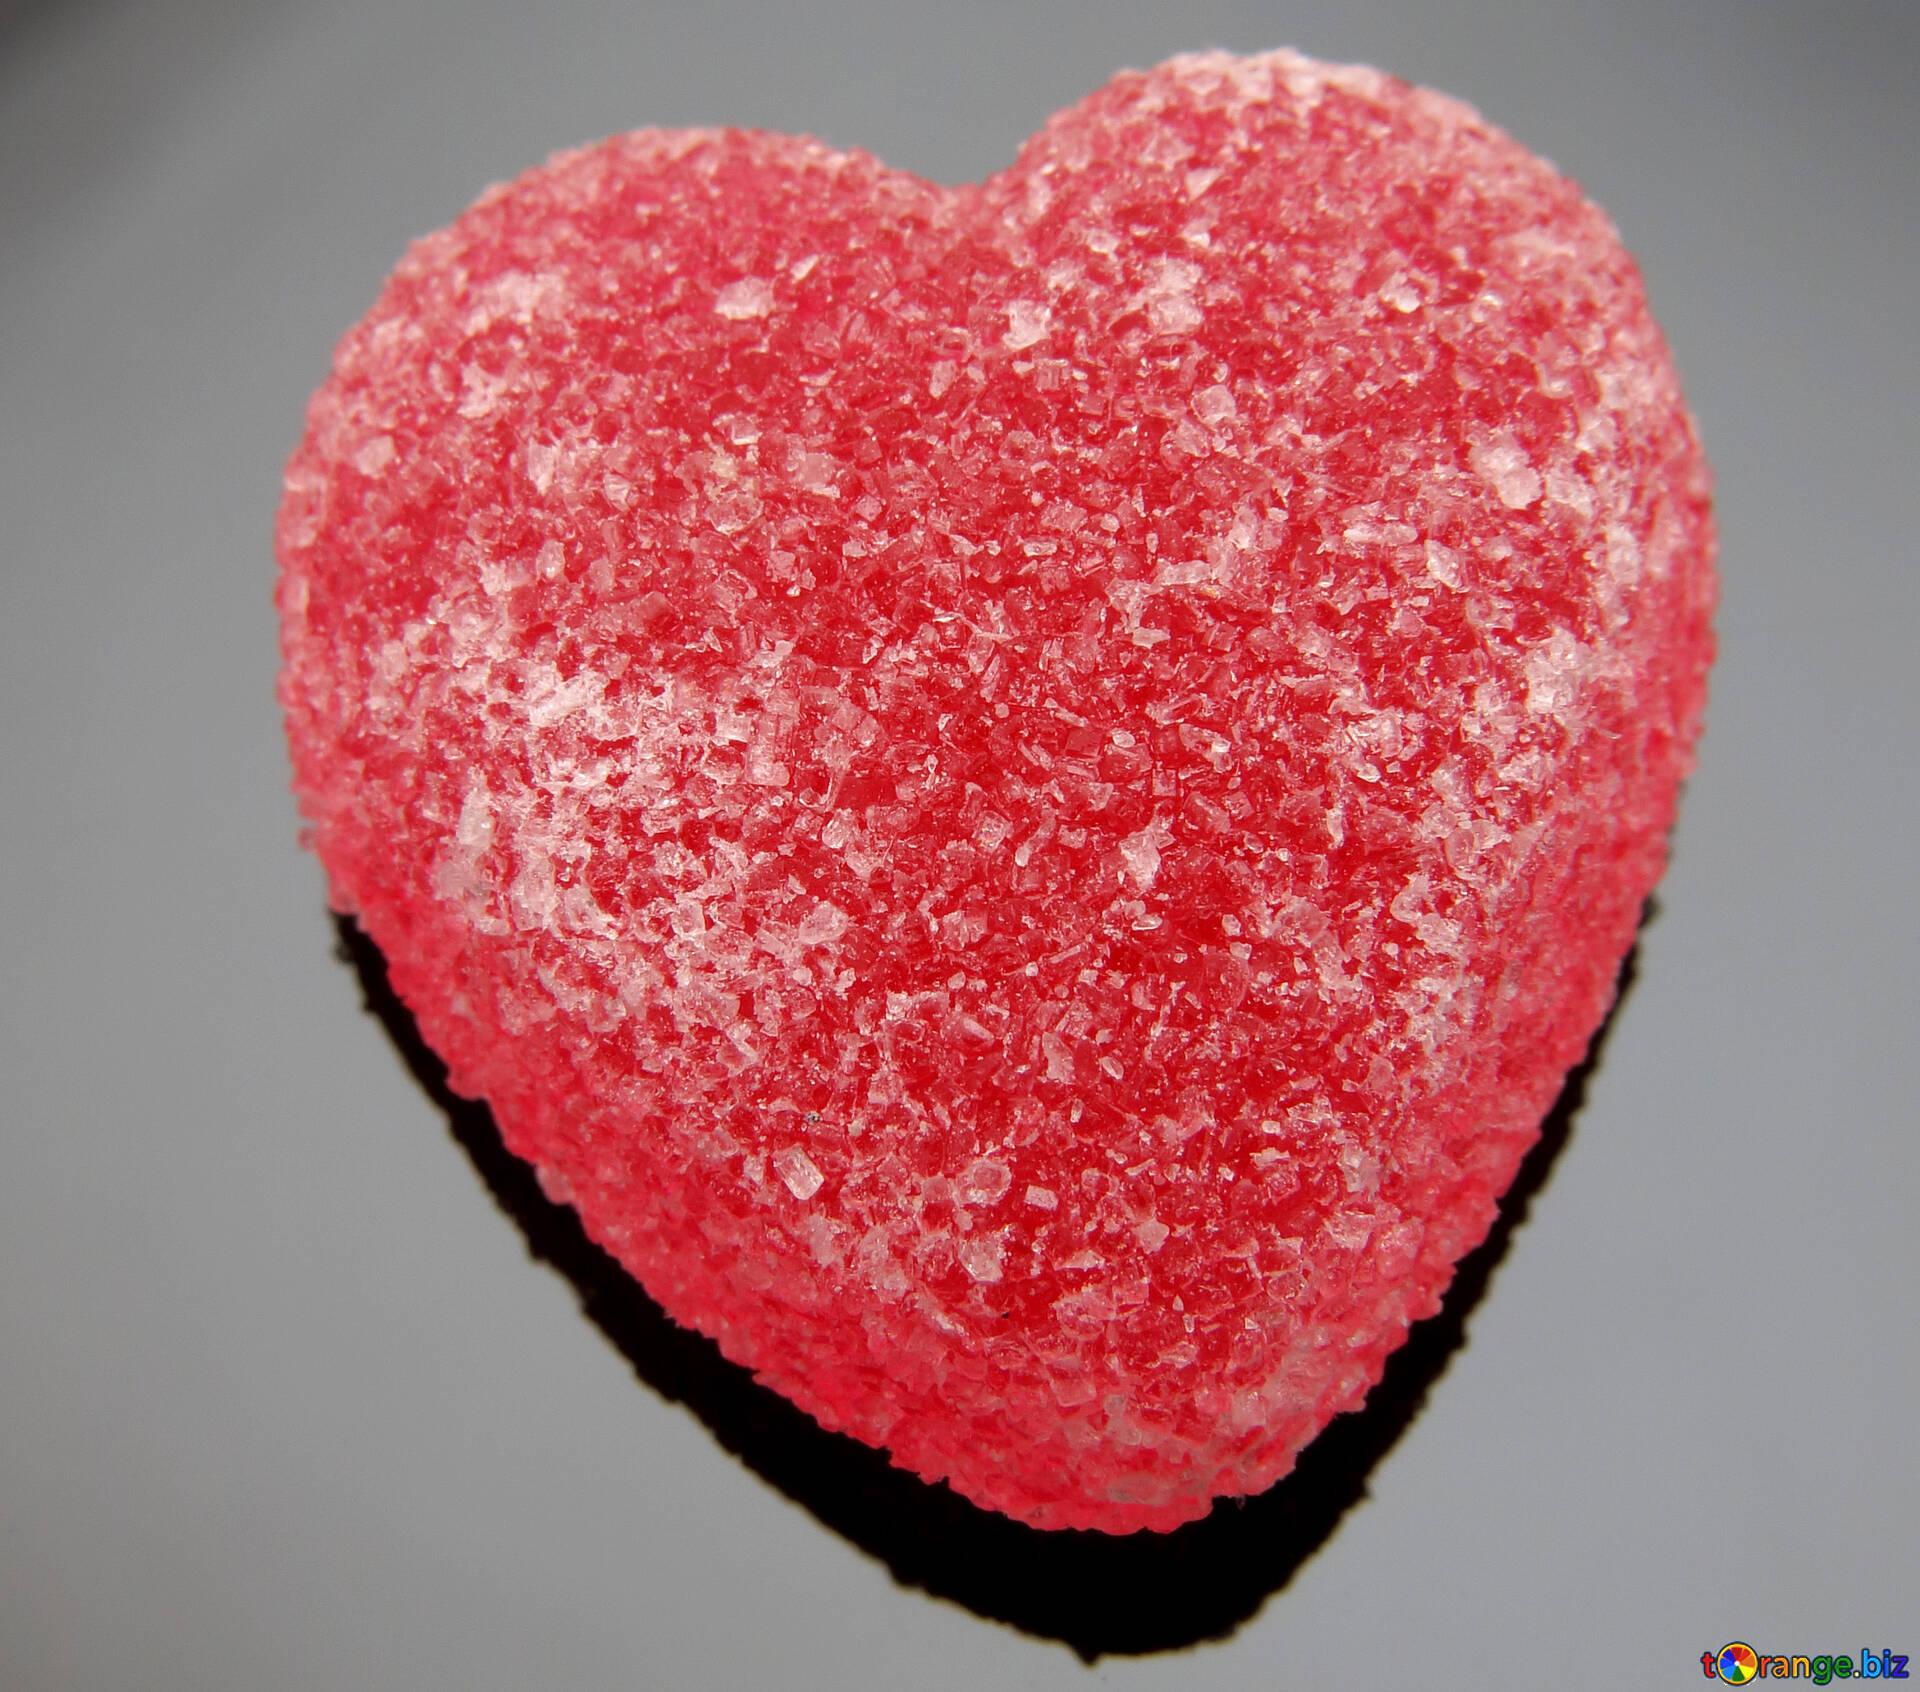 картинки сердечек для статуса предложение надежде